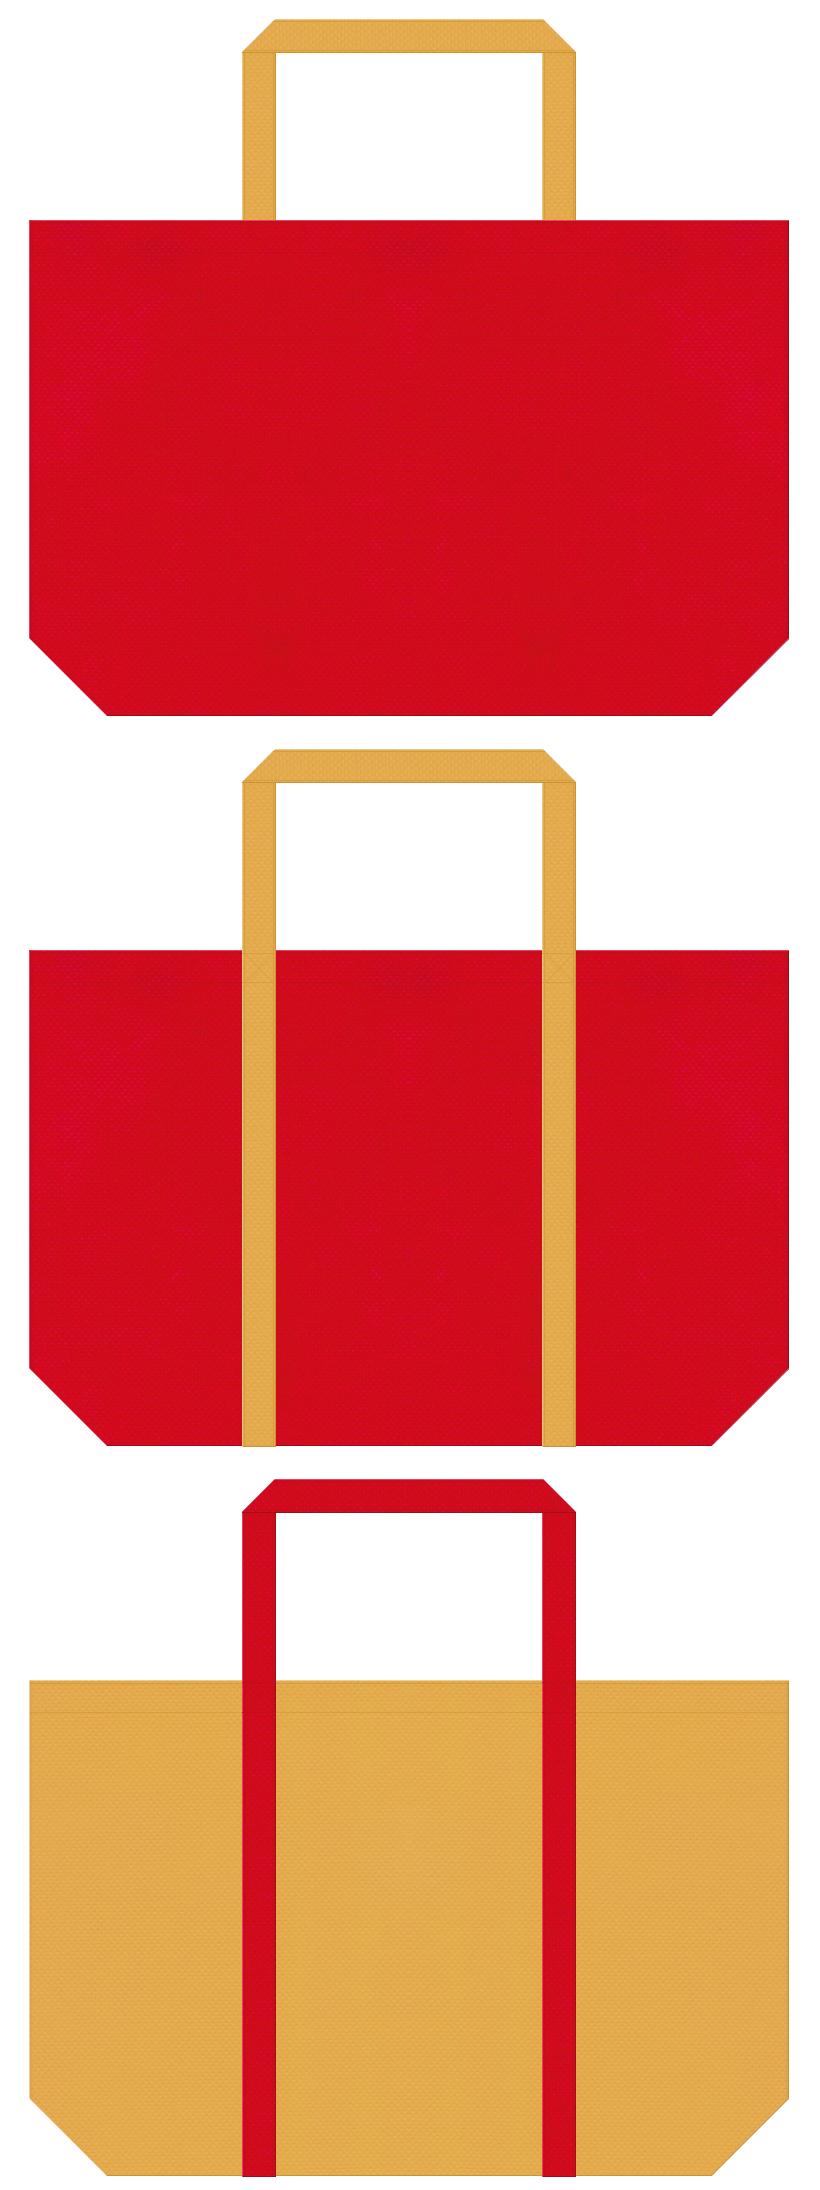 福袋にお奨めの不織布バッグデザイン:紅色と黄土色のコーデ